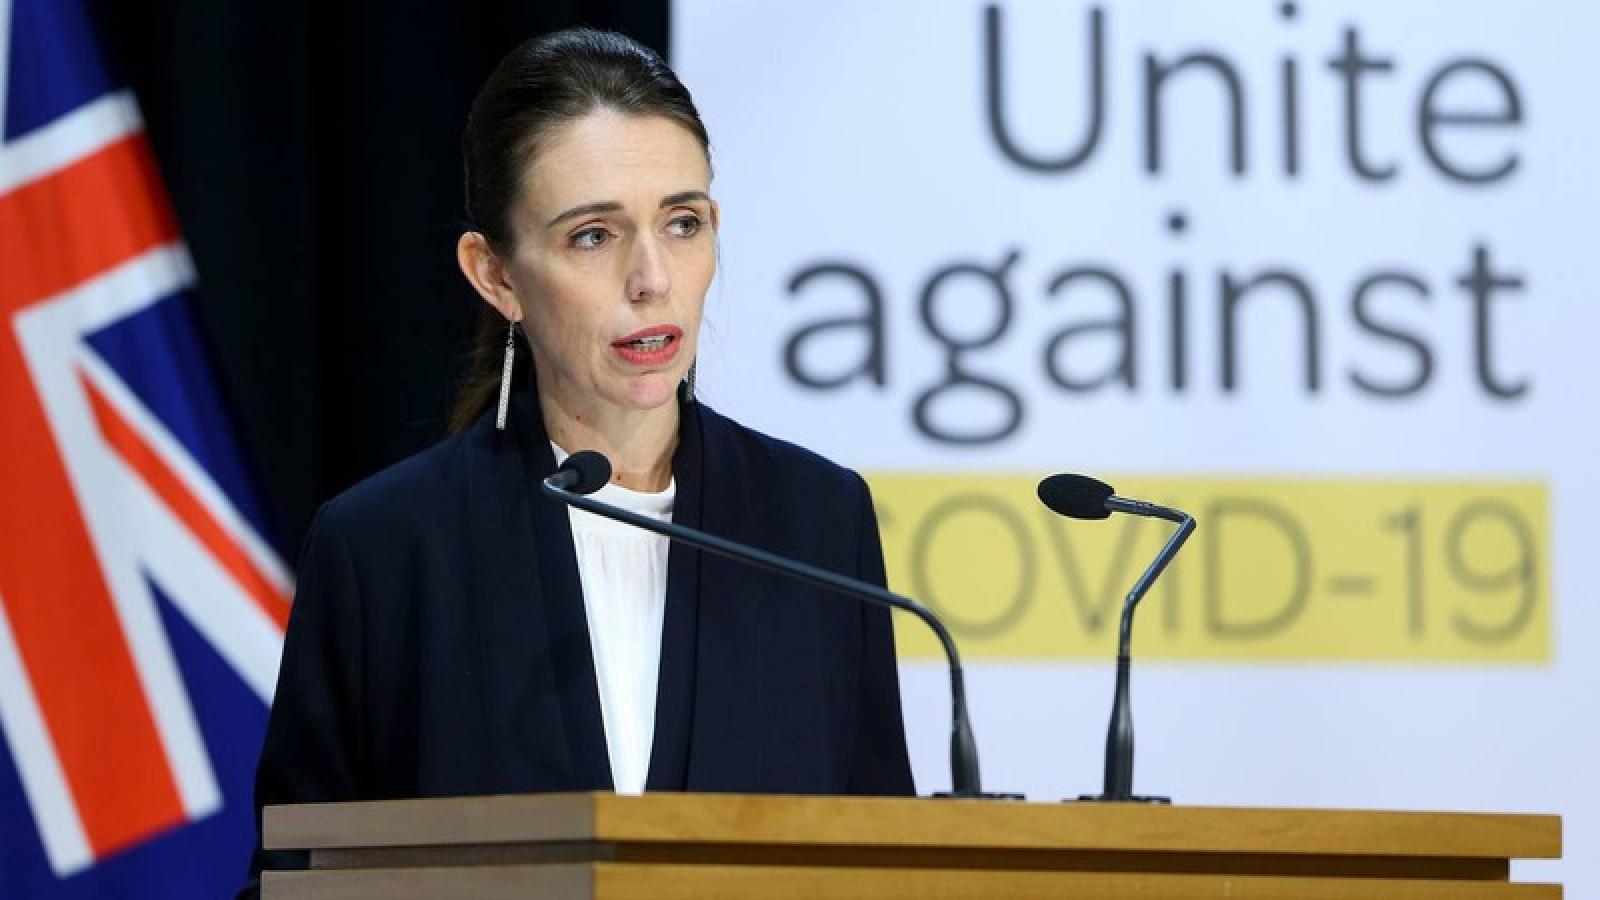 New Zealand chi 50 tỷ NZD khôi phục kinh tế sau đại dịch Covid-19